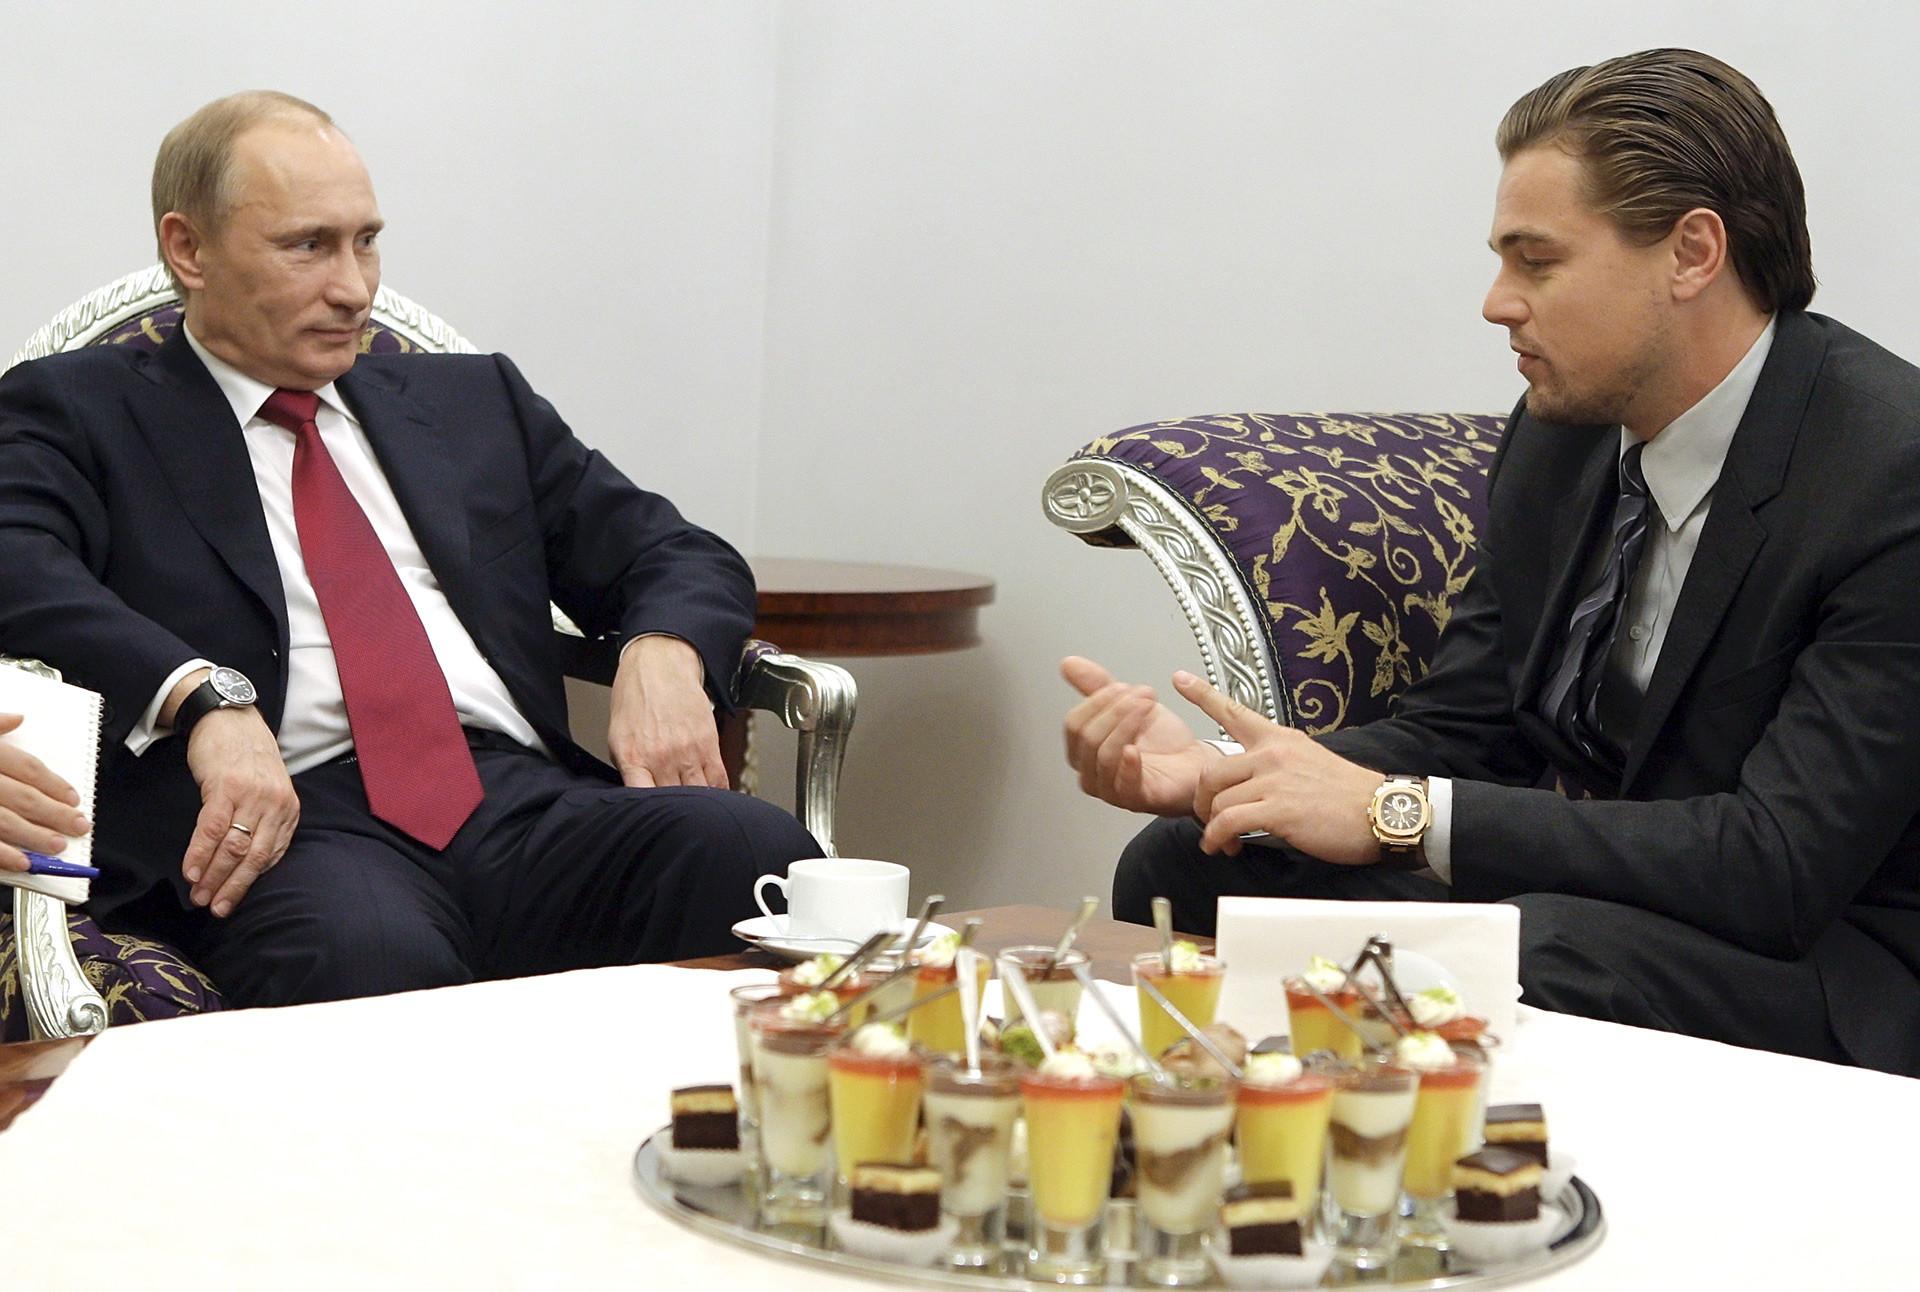 ウラジーミル・プーチンとレオナルド・ディカプリオ